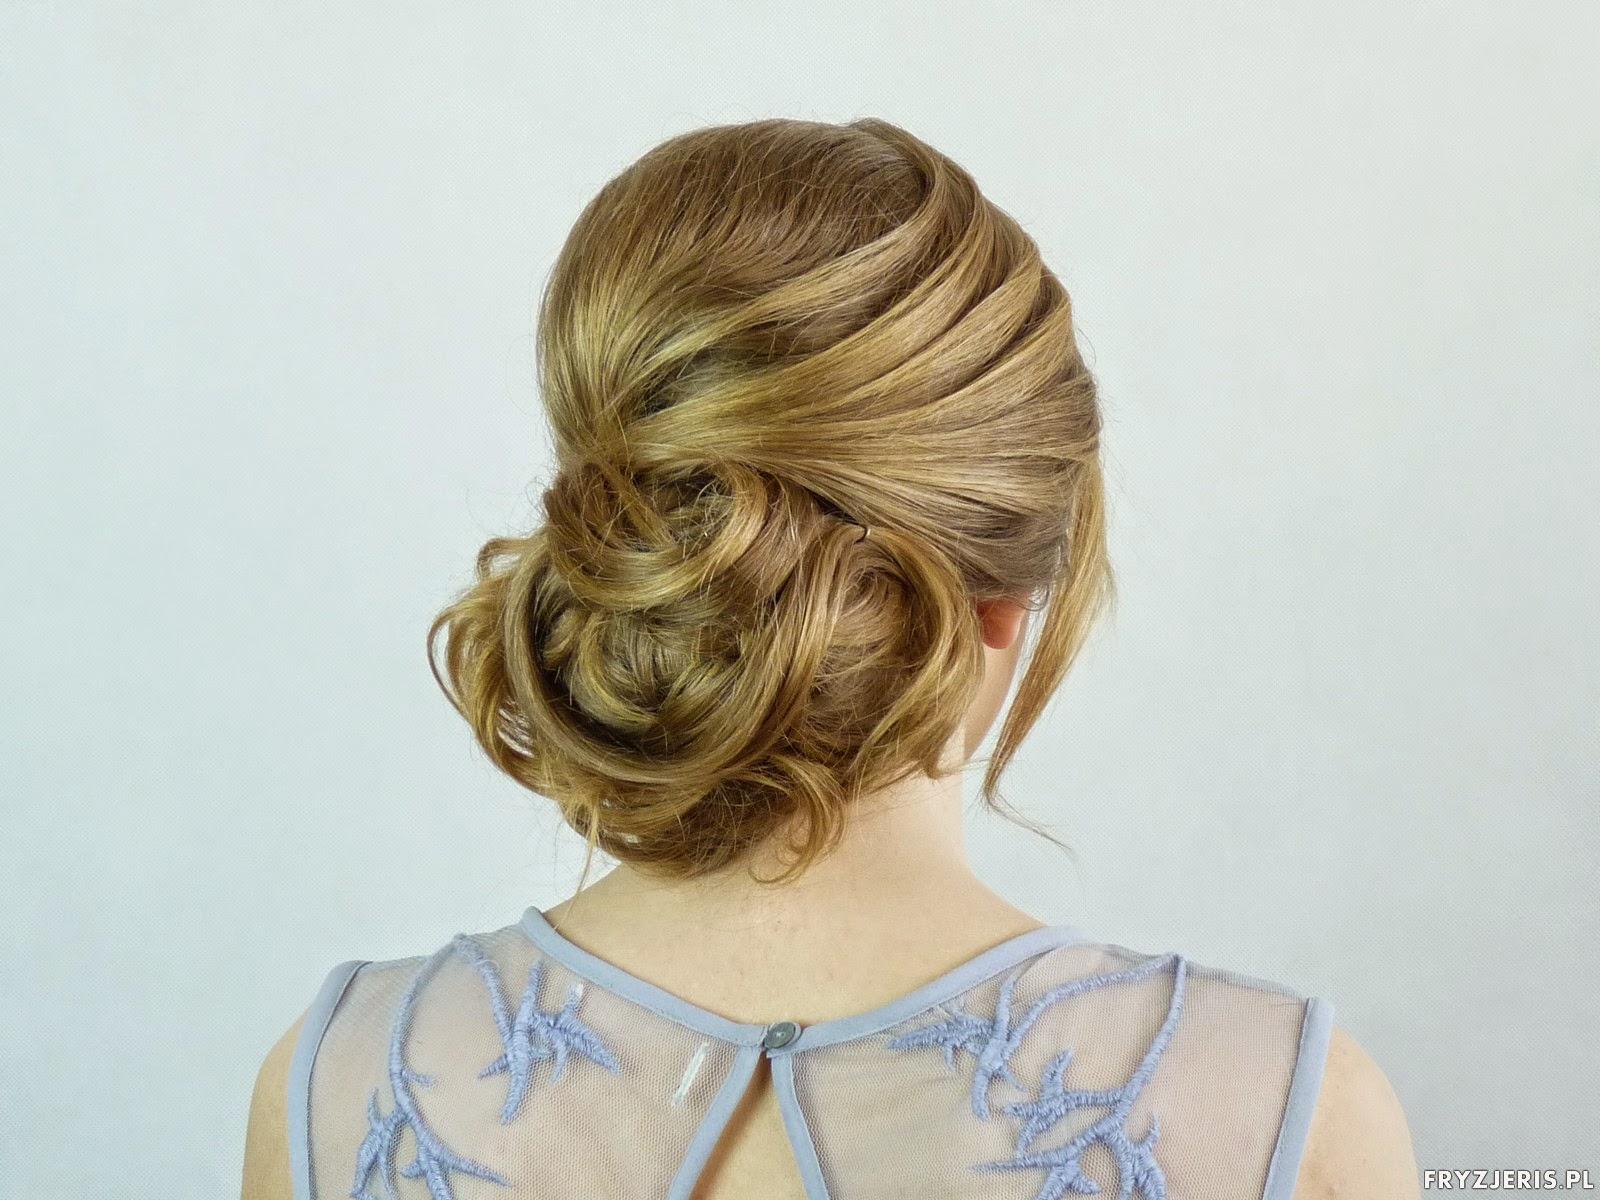 Fryzury Okazjonalne Upięcie Blog O Włosach Fryzjeris